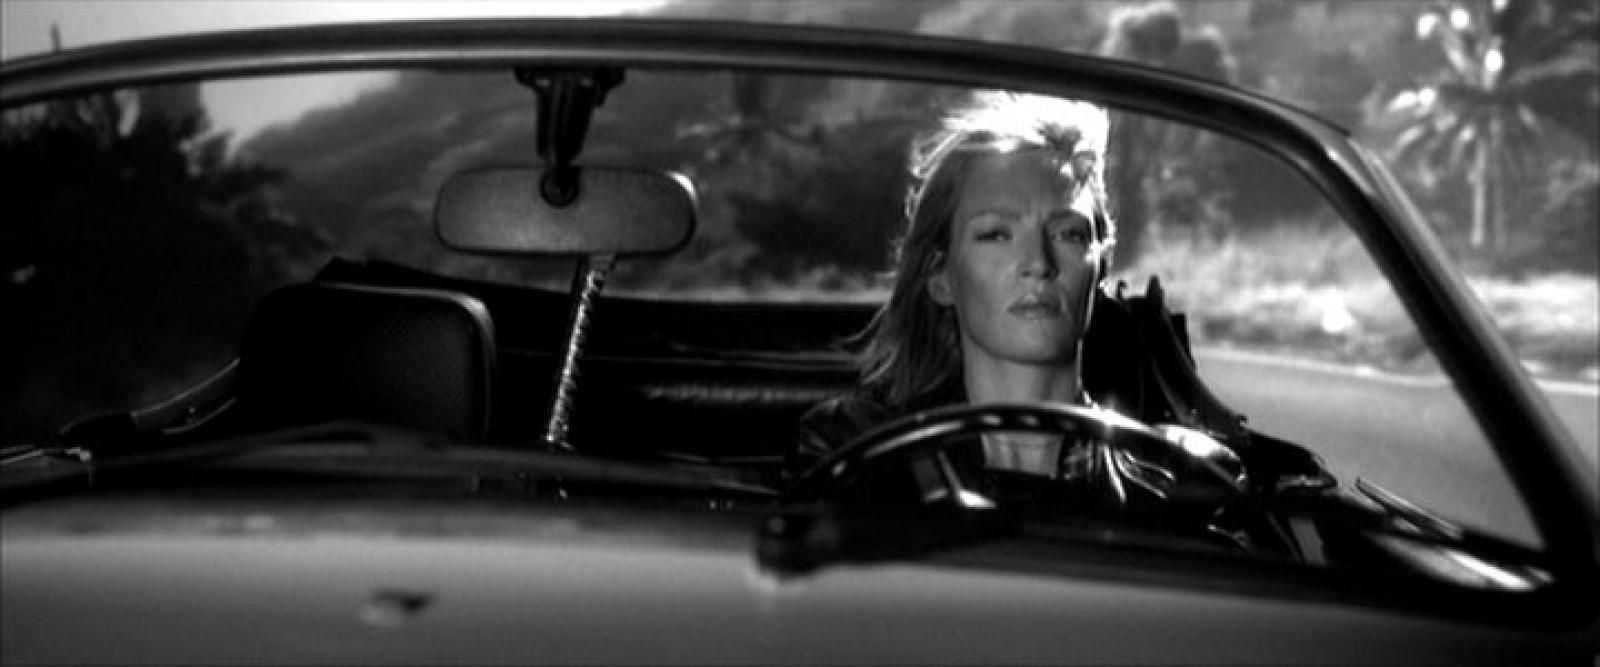 Uma Thurman a făcut public videoul care surprinde momentul accidentului cu mașina, din timpul filmărilor Kill Bill